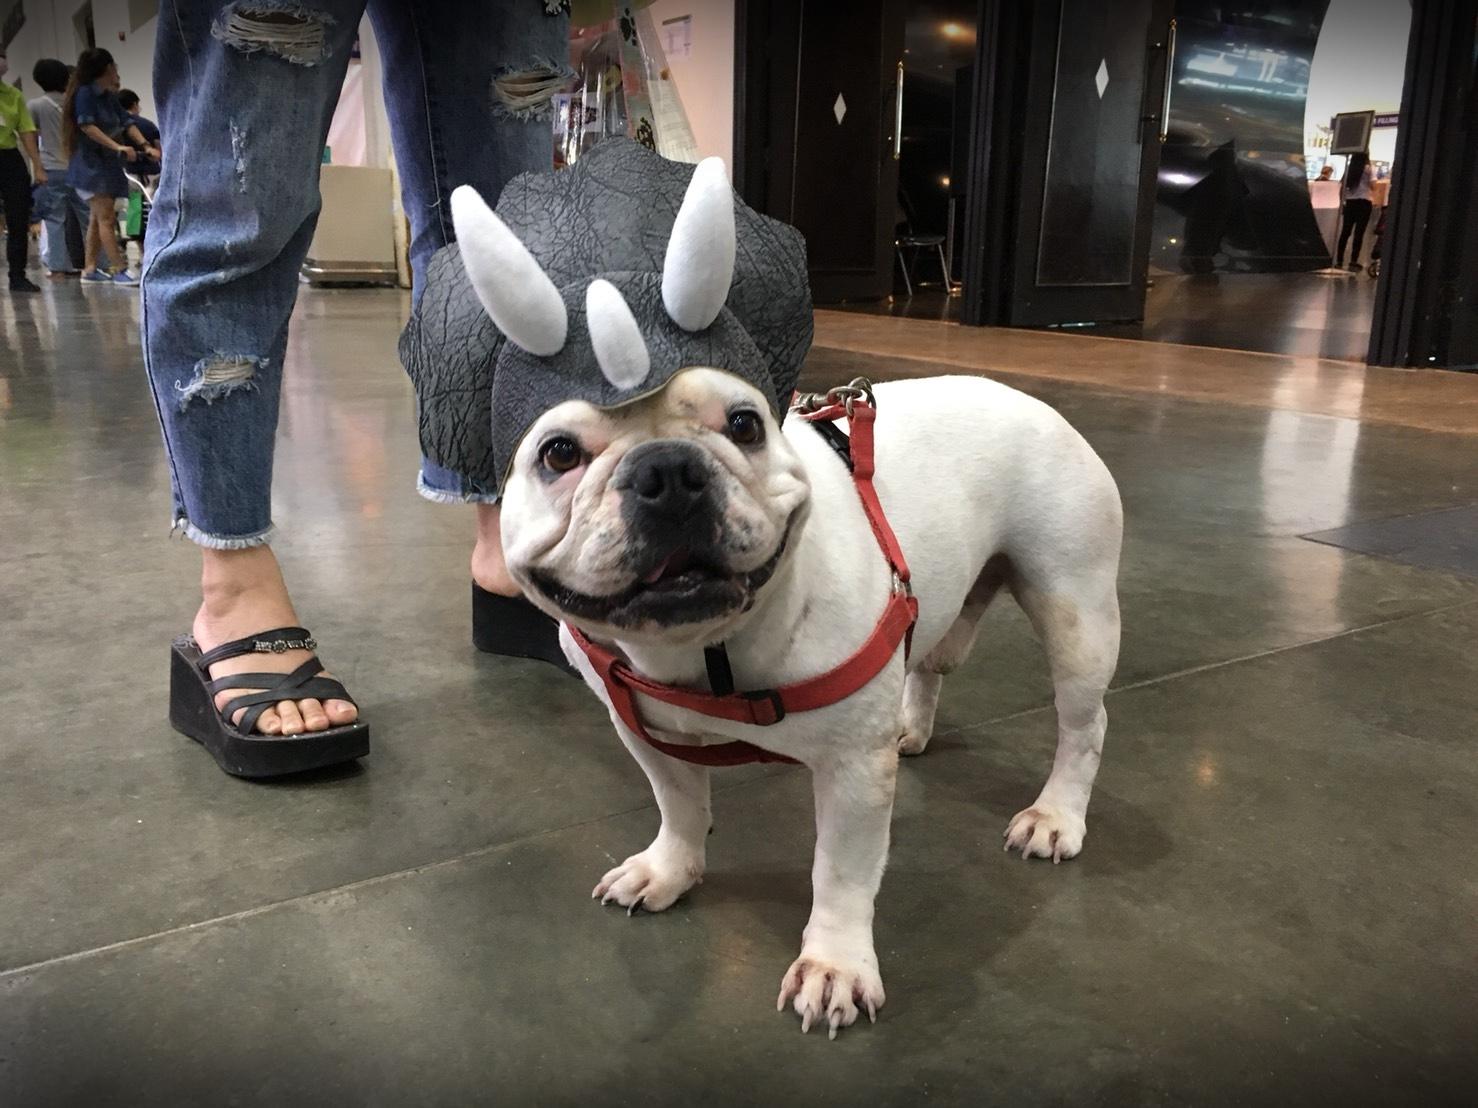 สุนัขเฟรนช์บูลด็อกใส่หมวกไดโนเสาร์